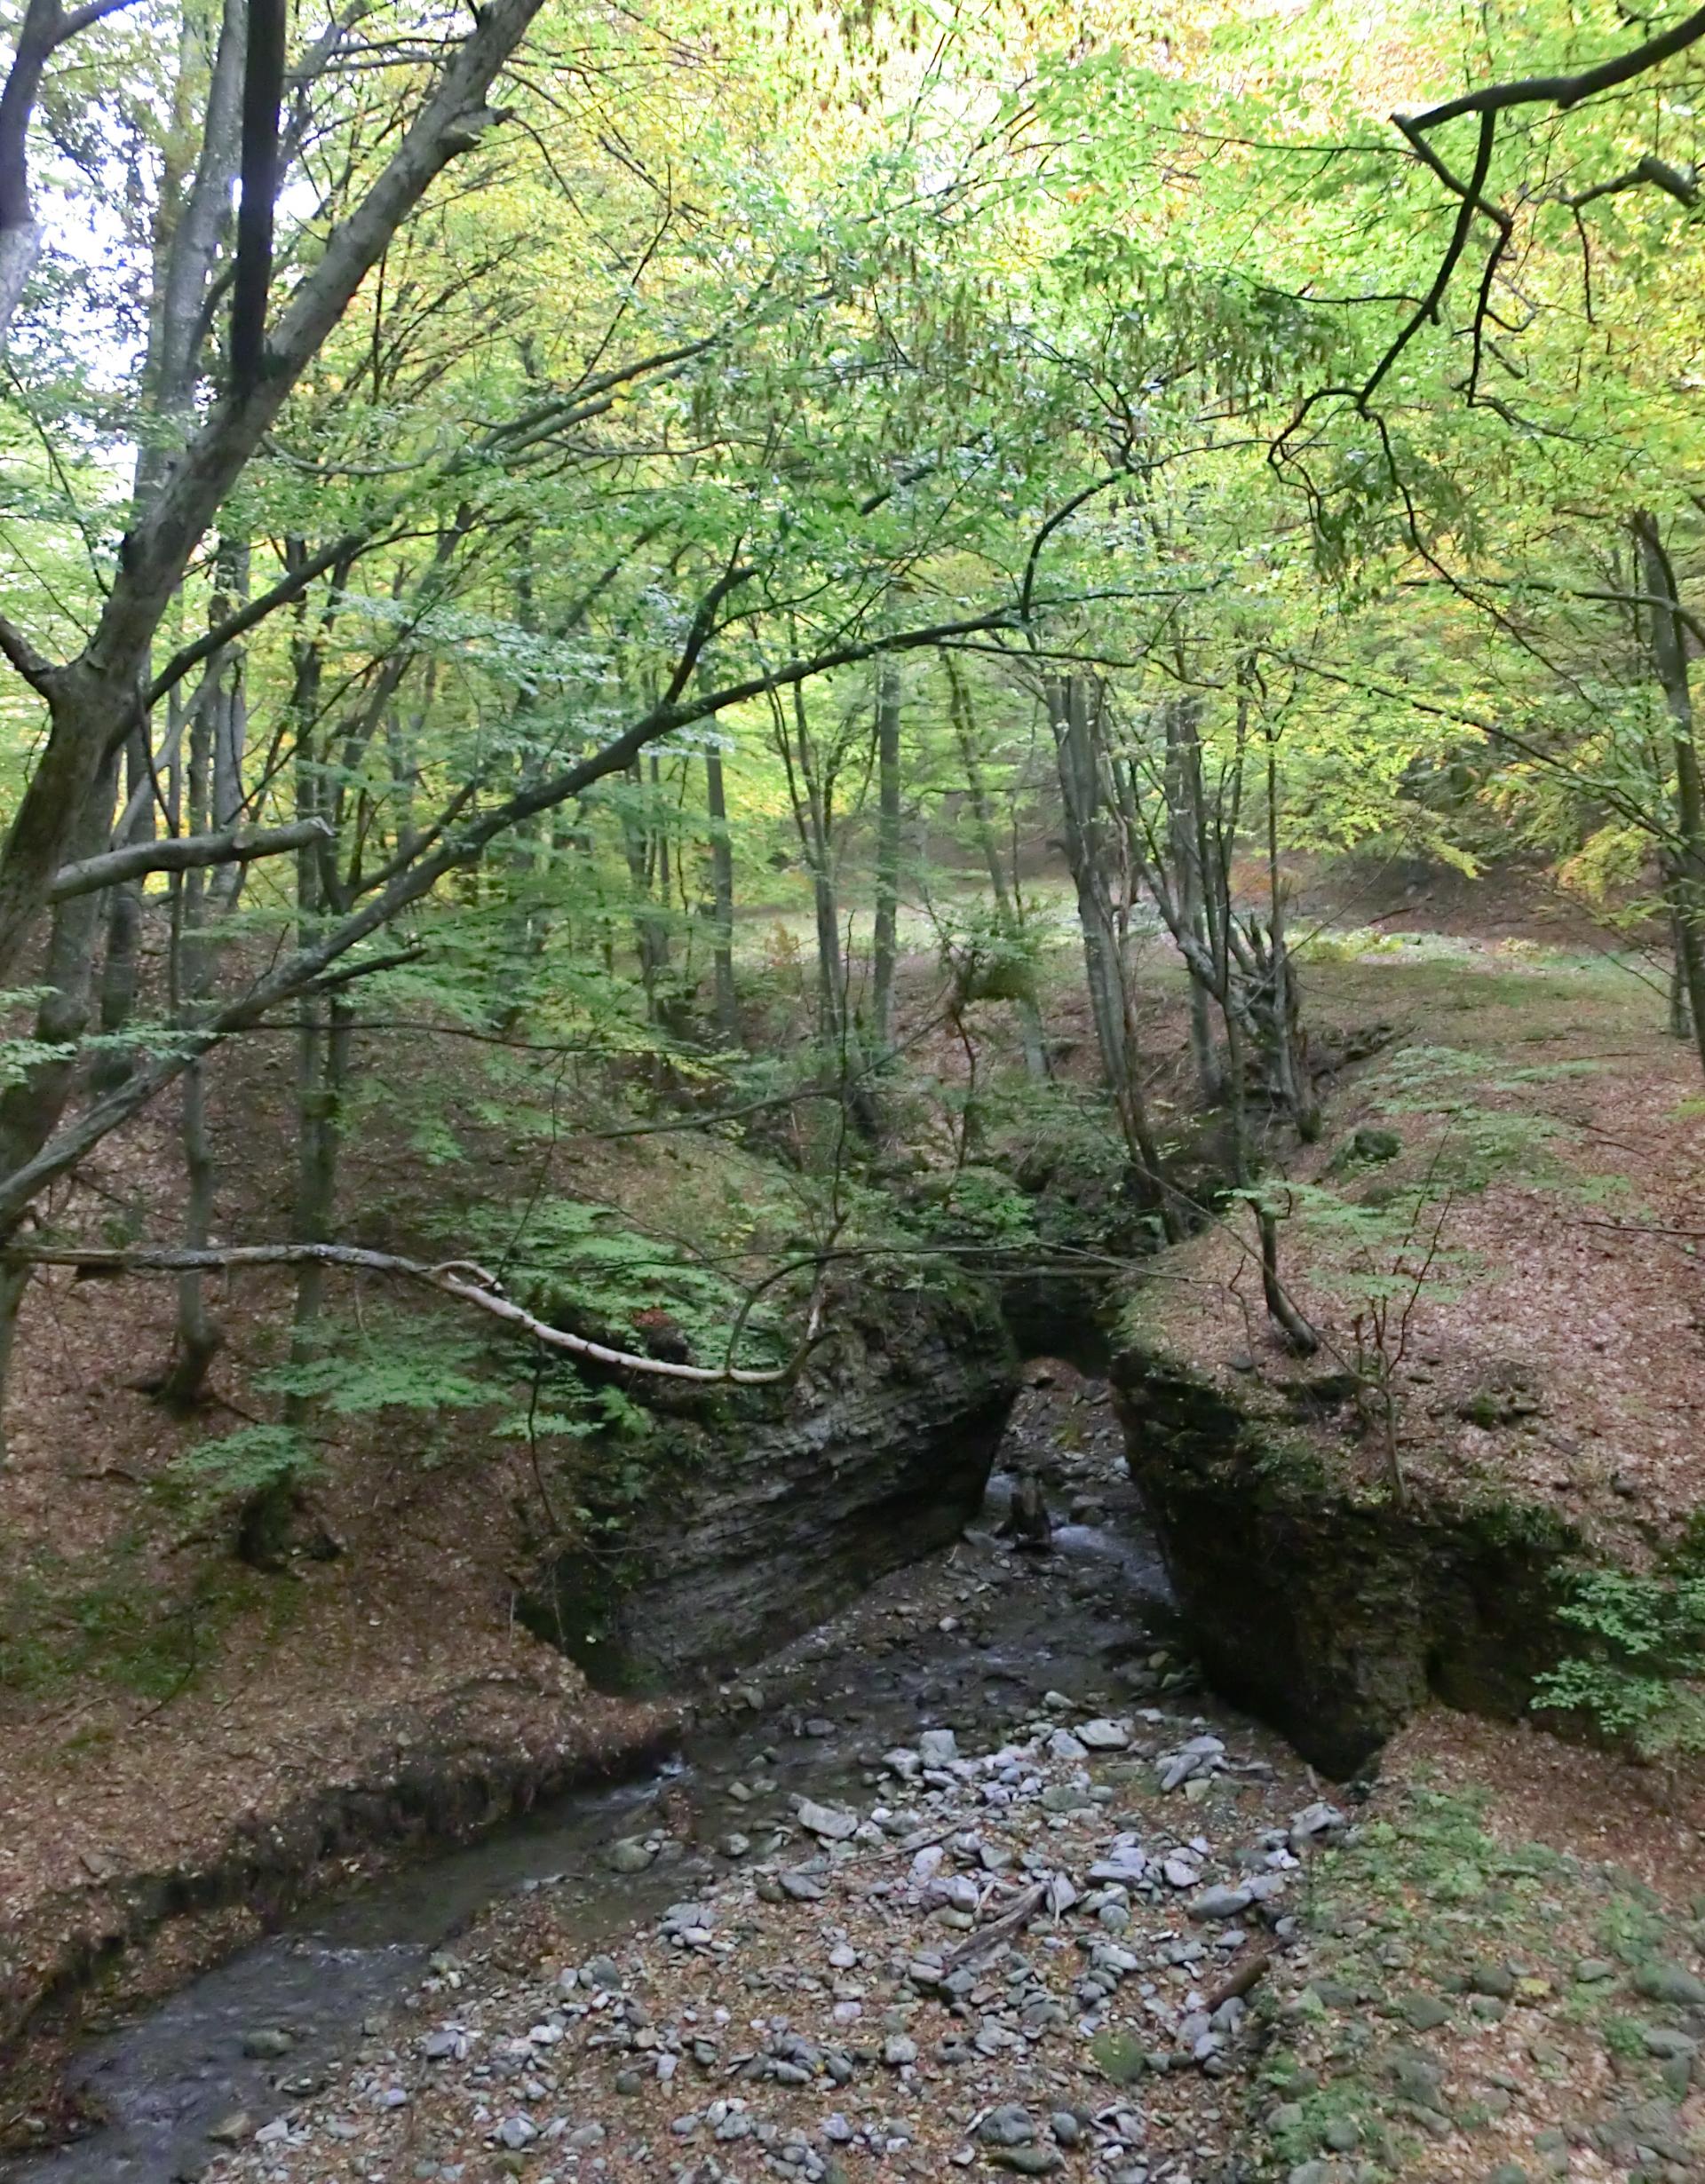 12 - 12.10.2013 - Râul Dumbrăvanu - Tură Muntele Coza